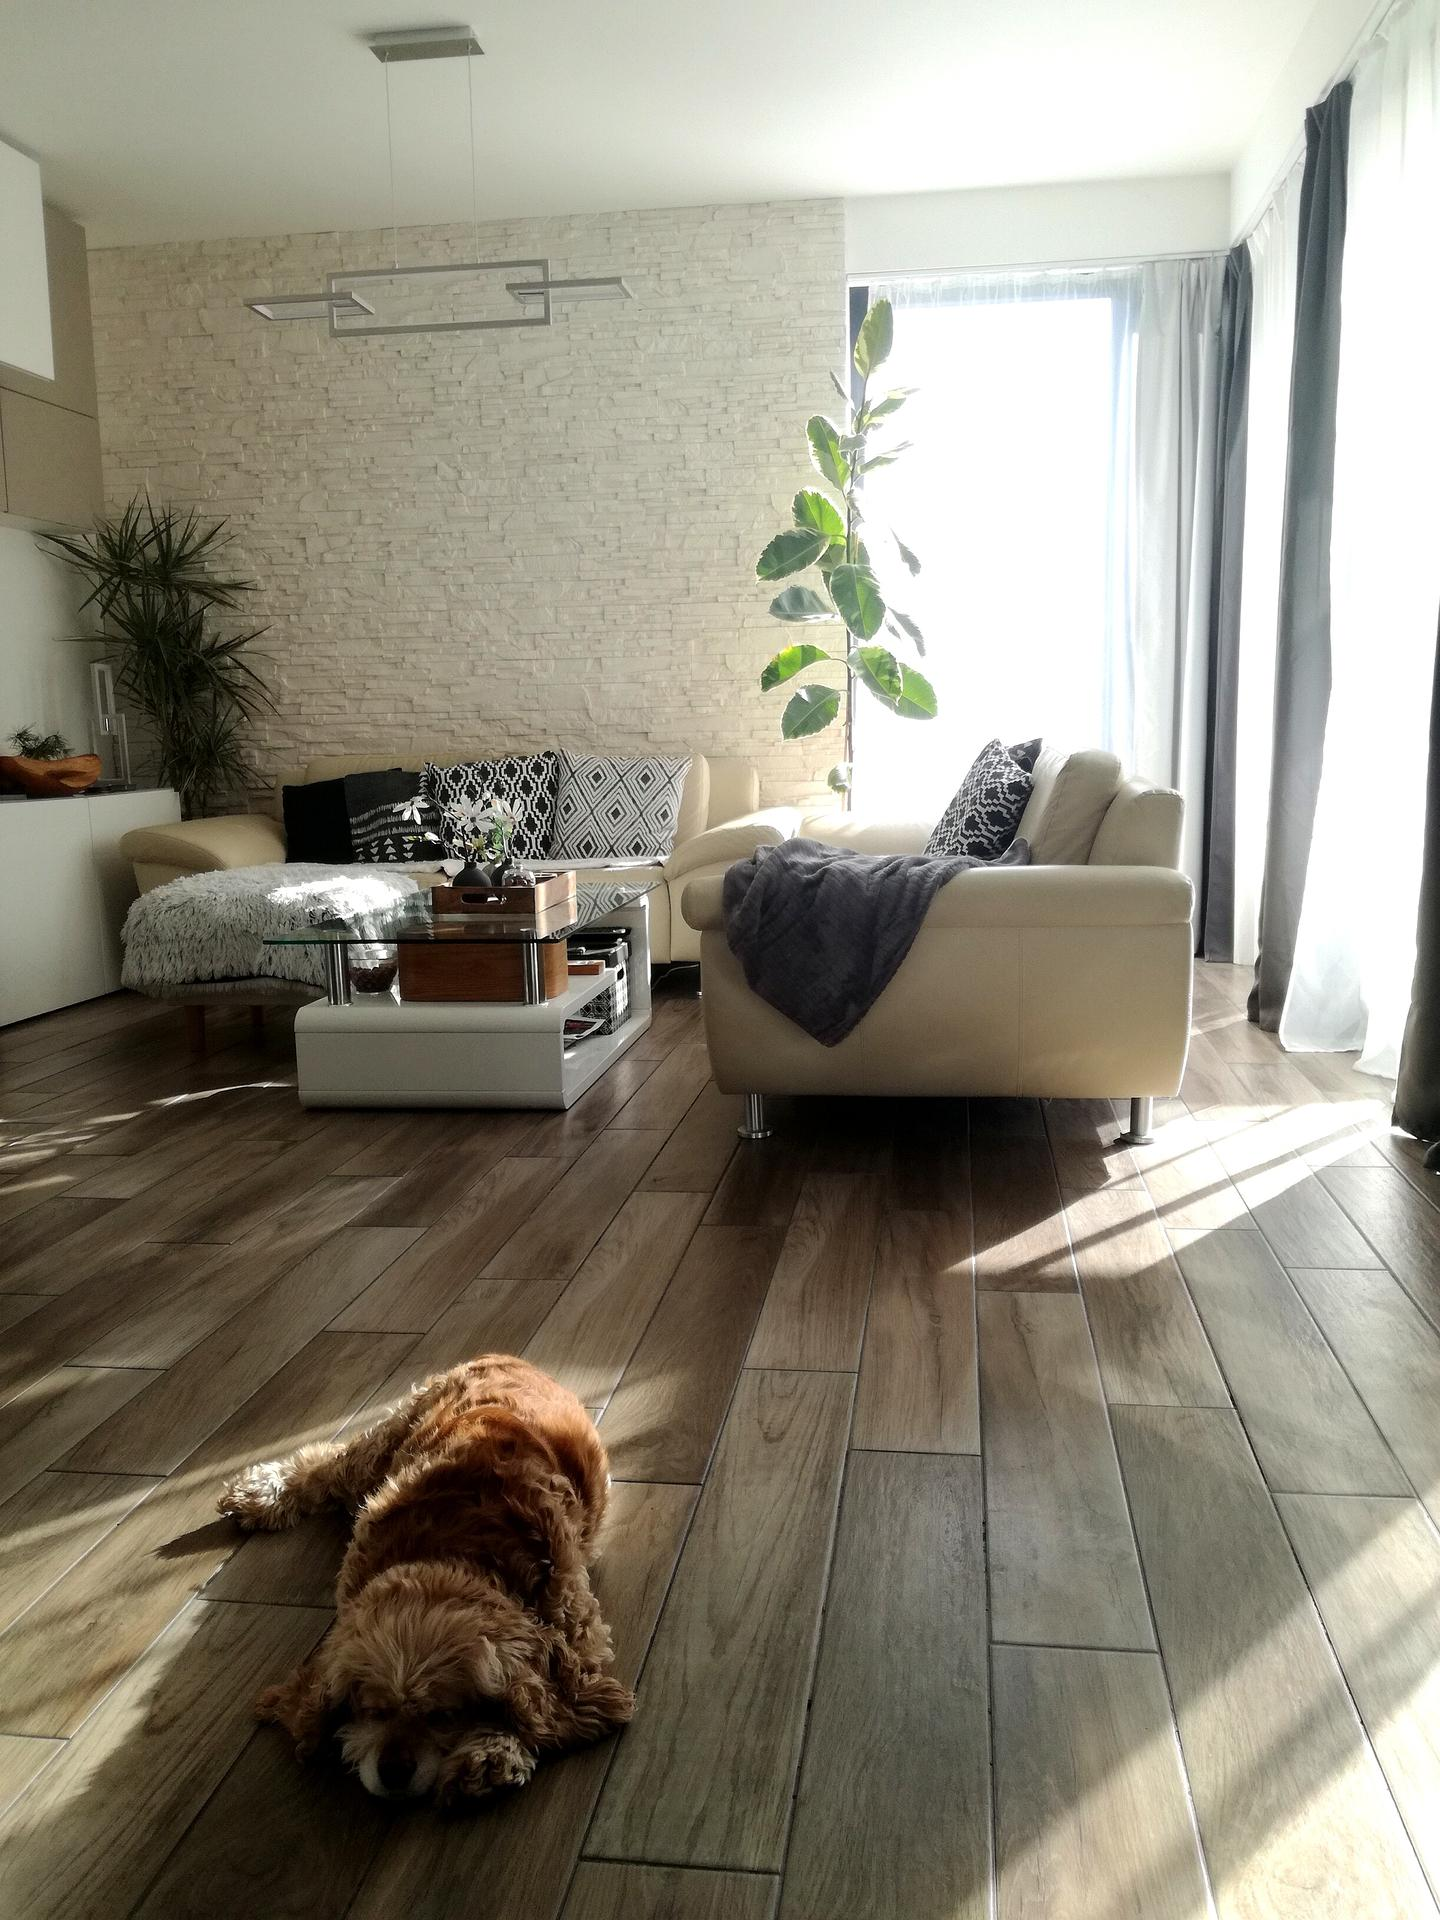 Posteľ má byť tam, kde pes spiiii... :-D - Obrázok č. 1